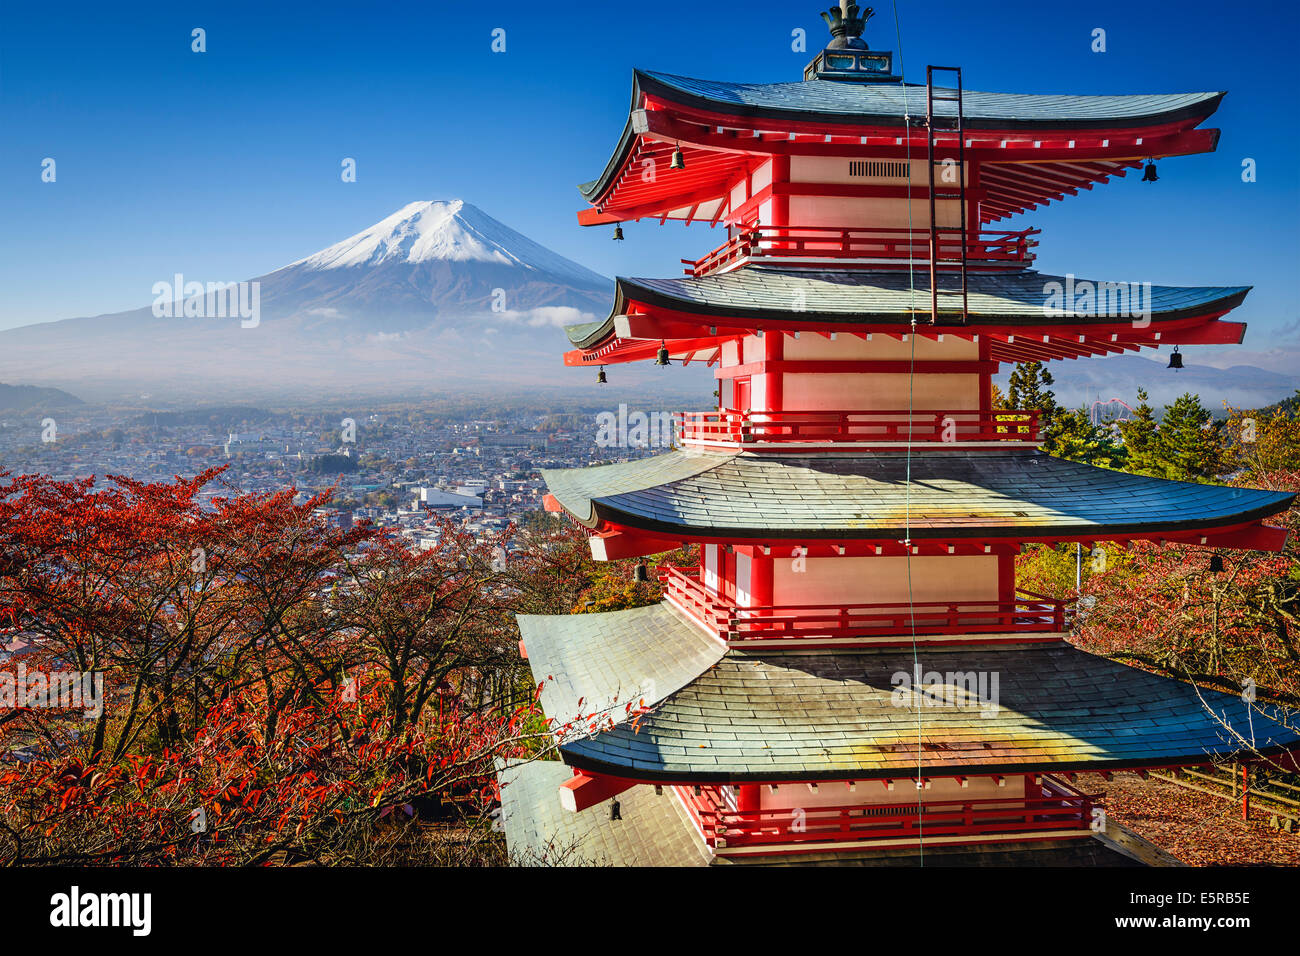 Mt. Fuji e Pagoda durante la stagione autunnale in Giappone. Immagini Stock